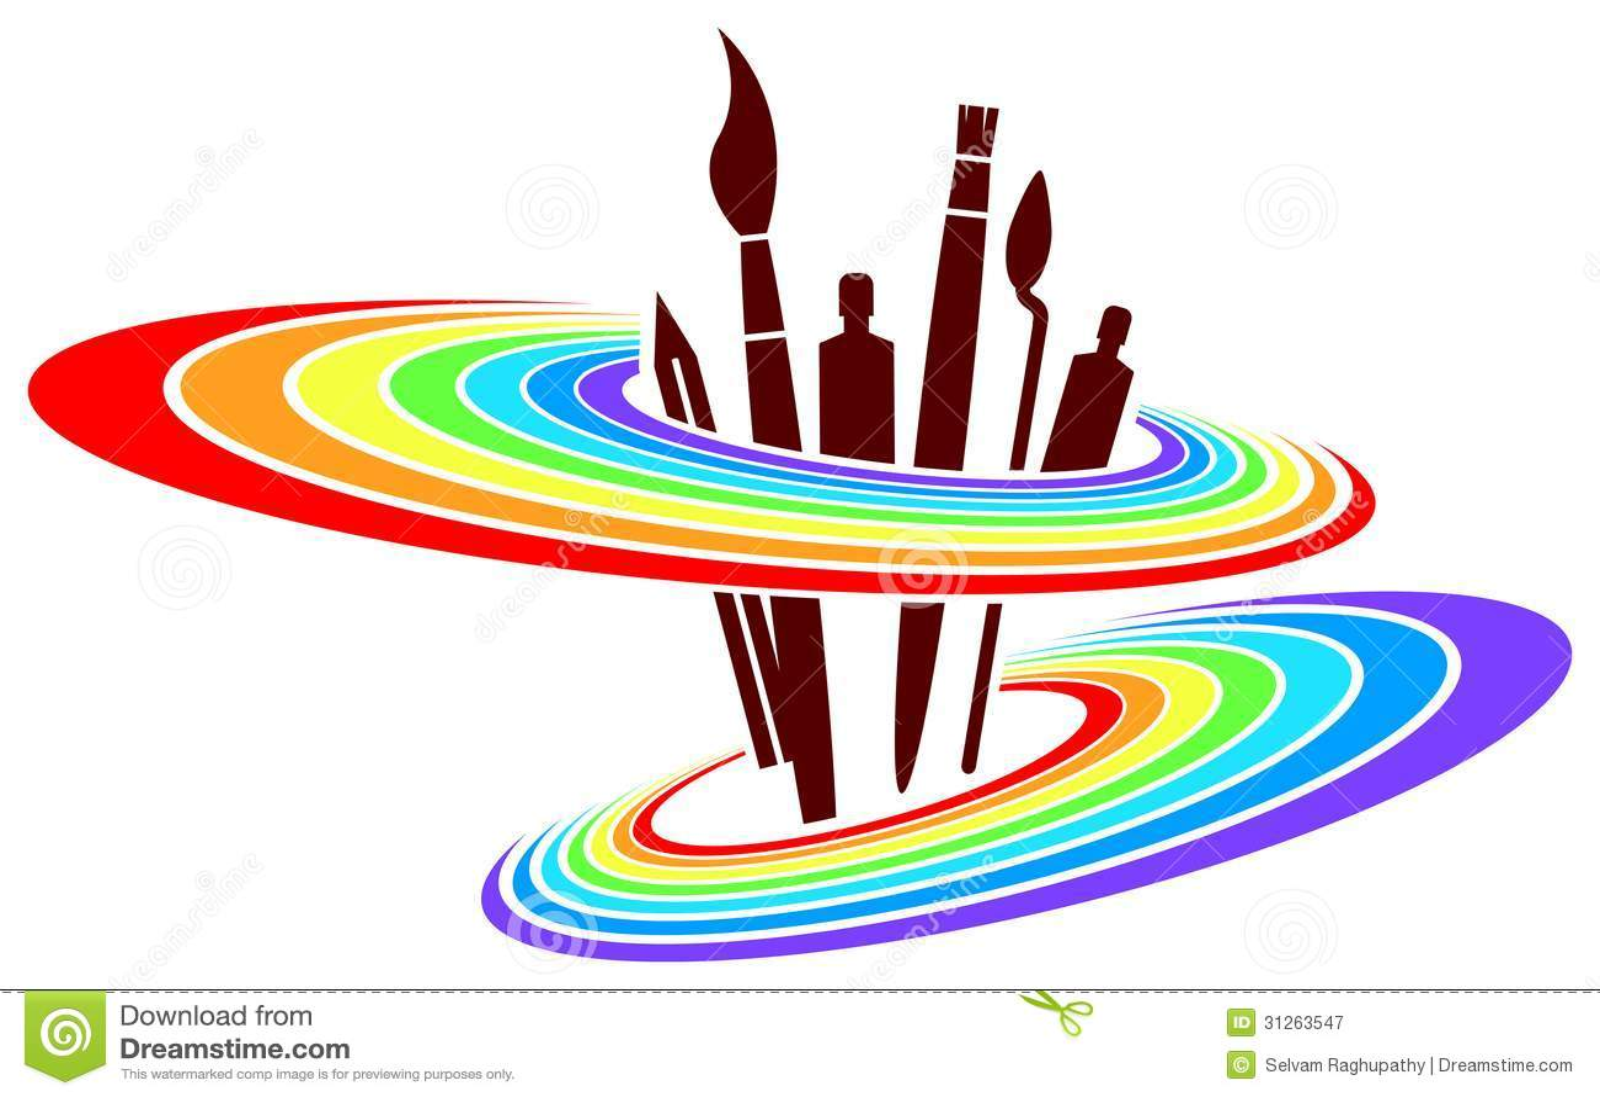 Conception De Logo De Peinture Photographie Stock Libre De